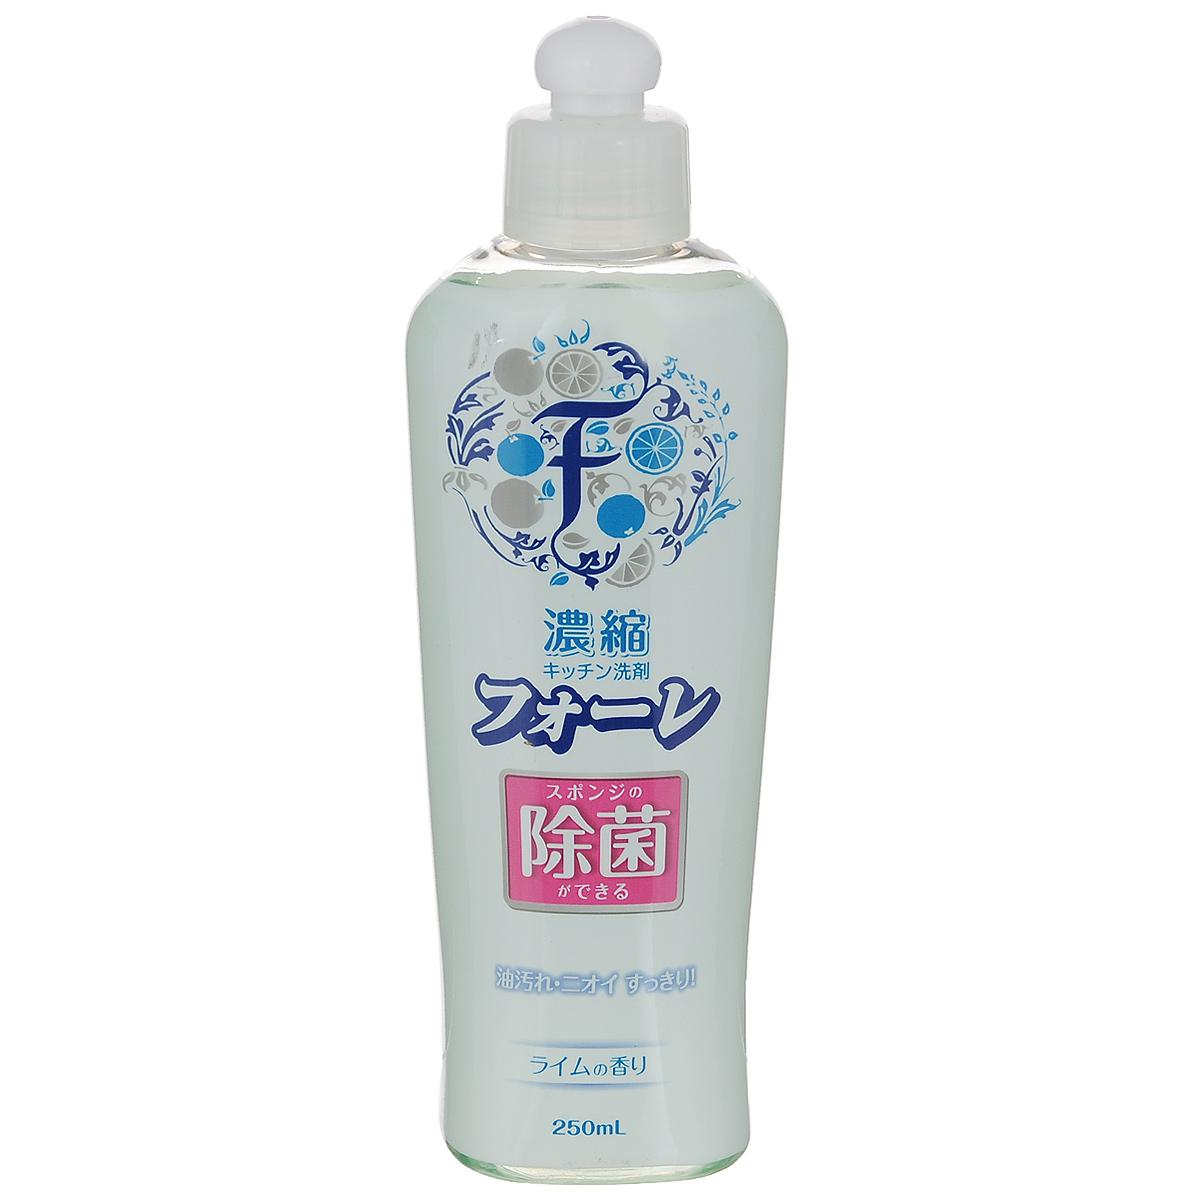 Средство для мытья посуды Kaneyo Faure, антибактериальное, лайм, 250 мл391602Средство Kaneyo Faure предназначено для мытья посуды, кухонной утвари и дезинфекции губок для мытья посуды. Имеет приятный аромат лайма.Эффективно очищает, обезжиривает и стерилизует посуду, удаляет масляные и прочие пищевые загрязнения. Обильная пена тщательно устраняет жир даже в холодной воде. Средство очень экономично, одной капли хватает на долго. Подходит для мытья овощей и фруктов. Мягко воздействует на кожу рук, не раздражая ее. Состав: ПАВ (30% натрий алкилбензолсульфонат), жирные кислоты алканоламид, полиоксиалкиленовые алкилэфира, стабилизатор.Товар сертифицирован. Размер бутылки: 19 см х 7 см х 4,5 см.